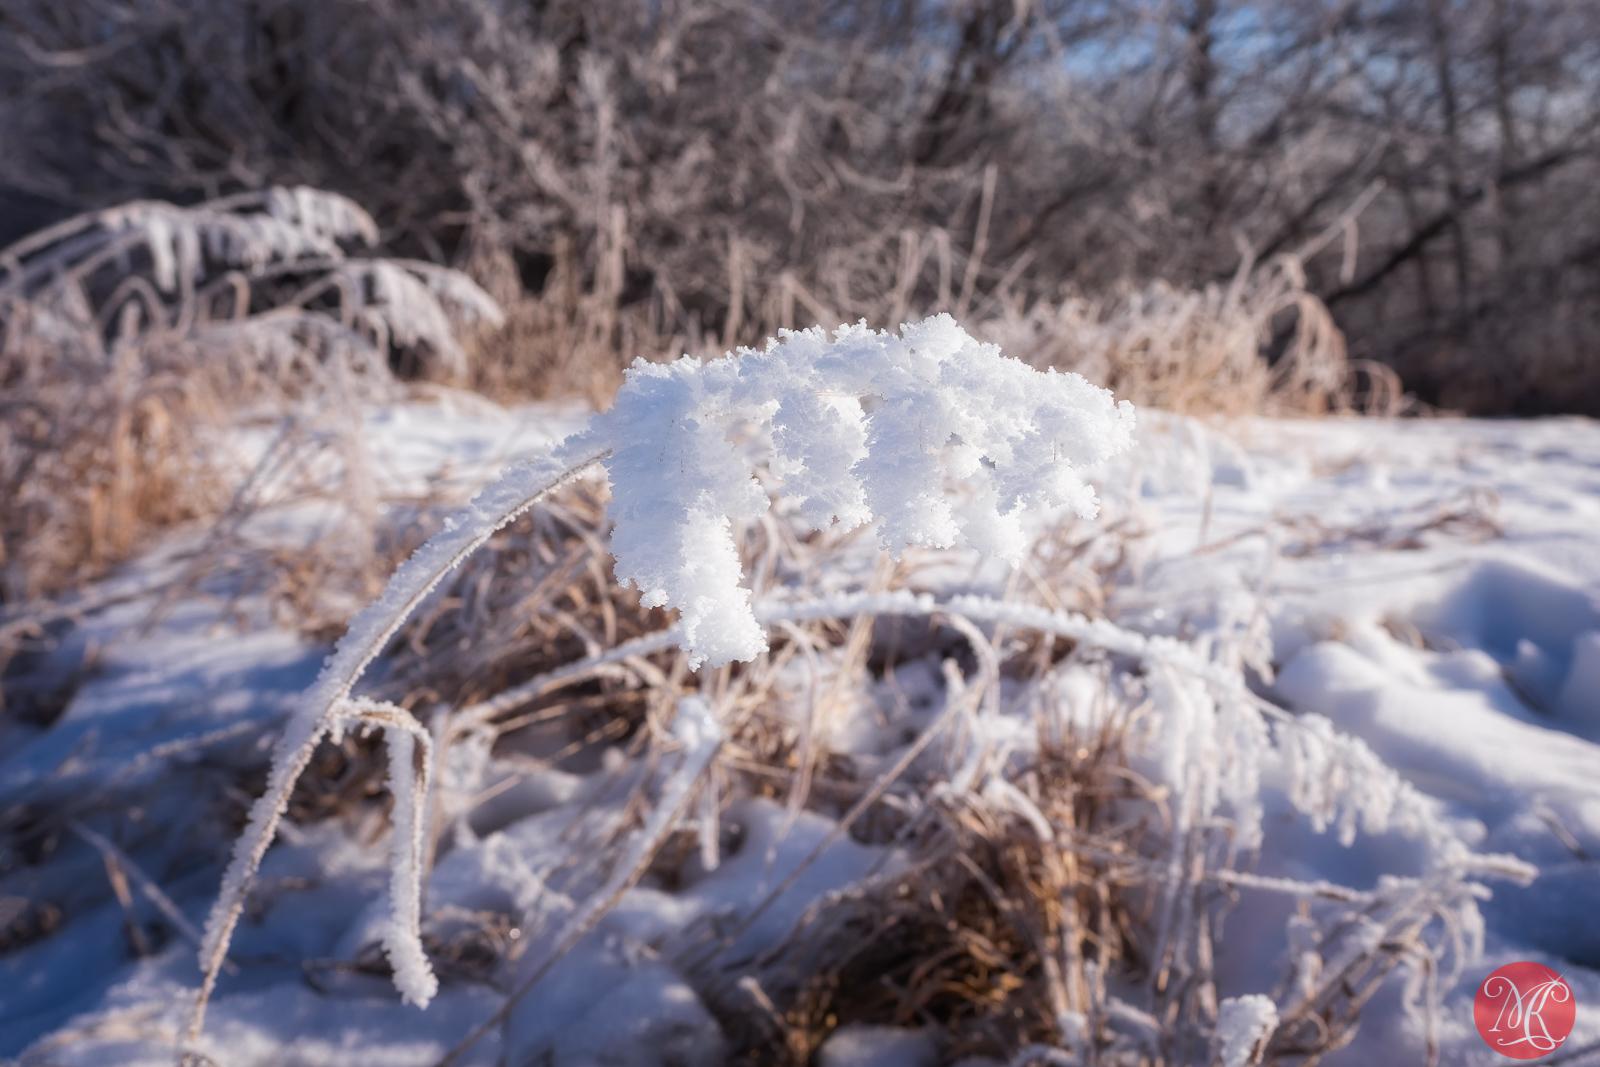 Heavy winter frost